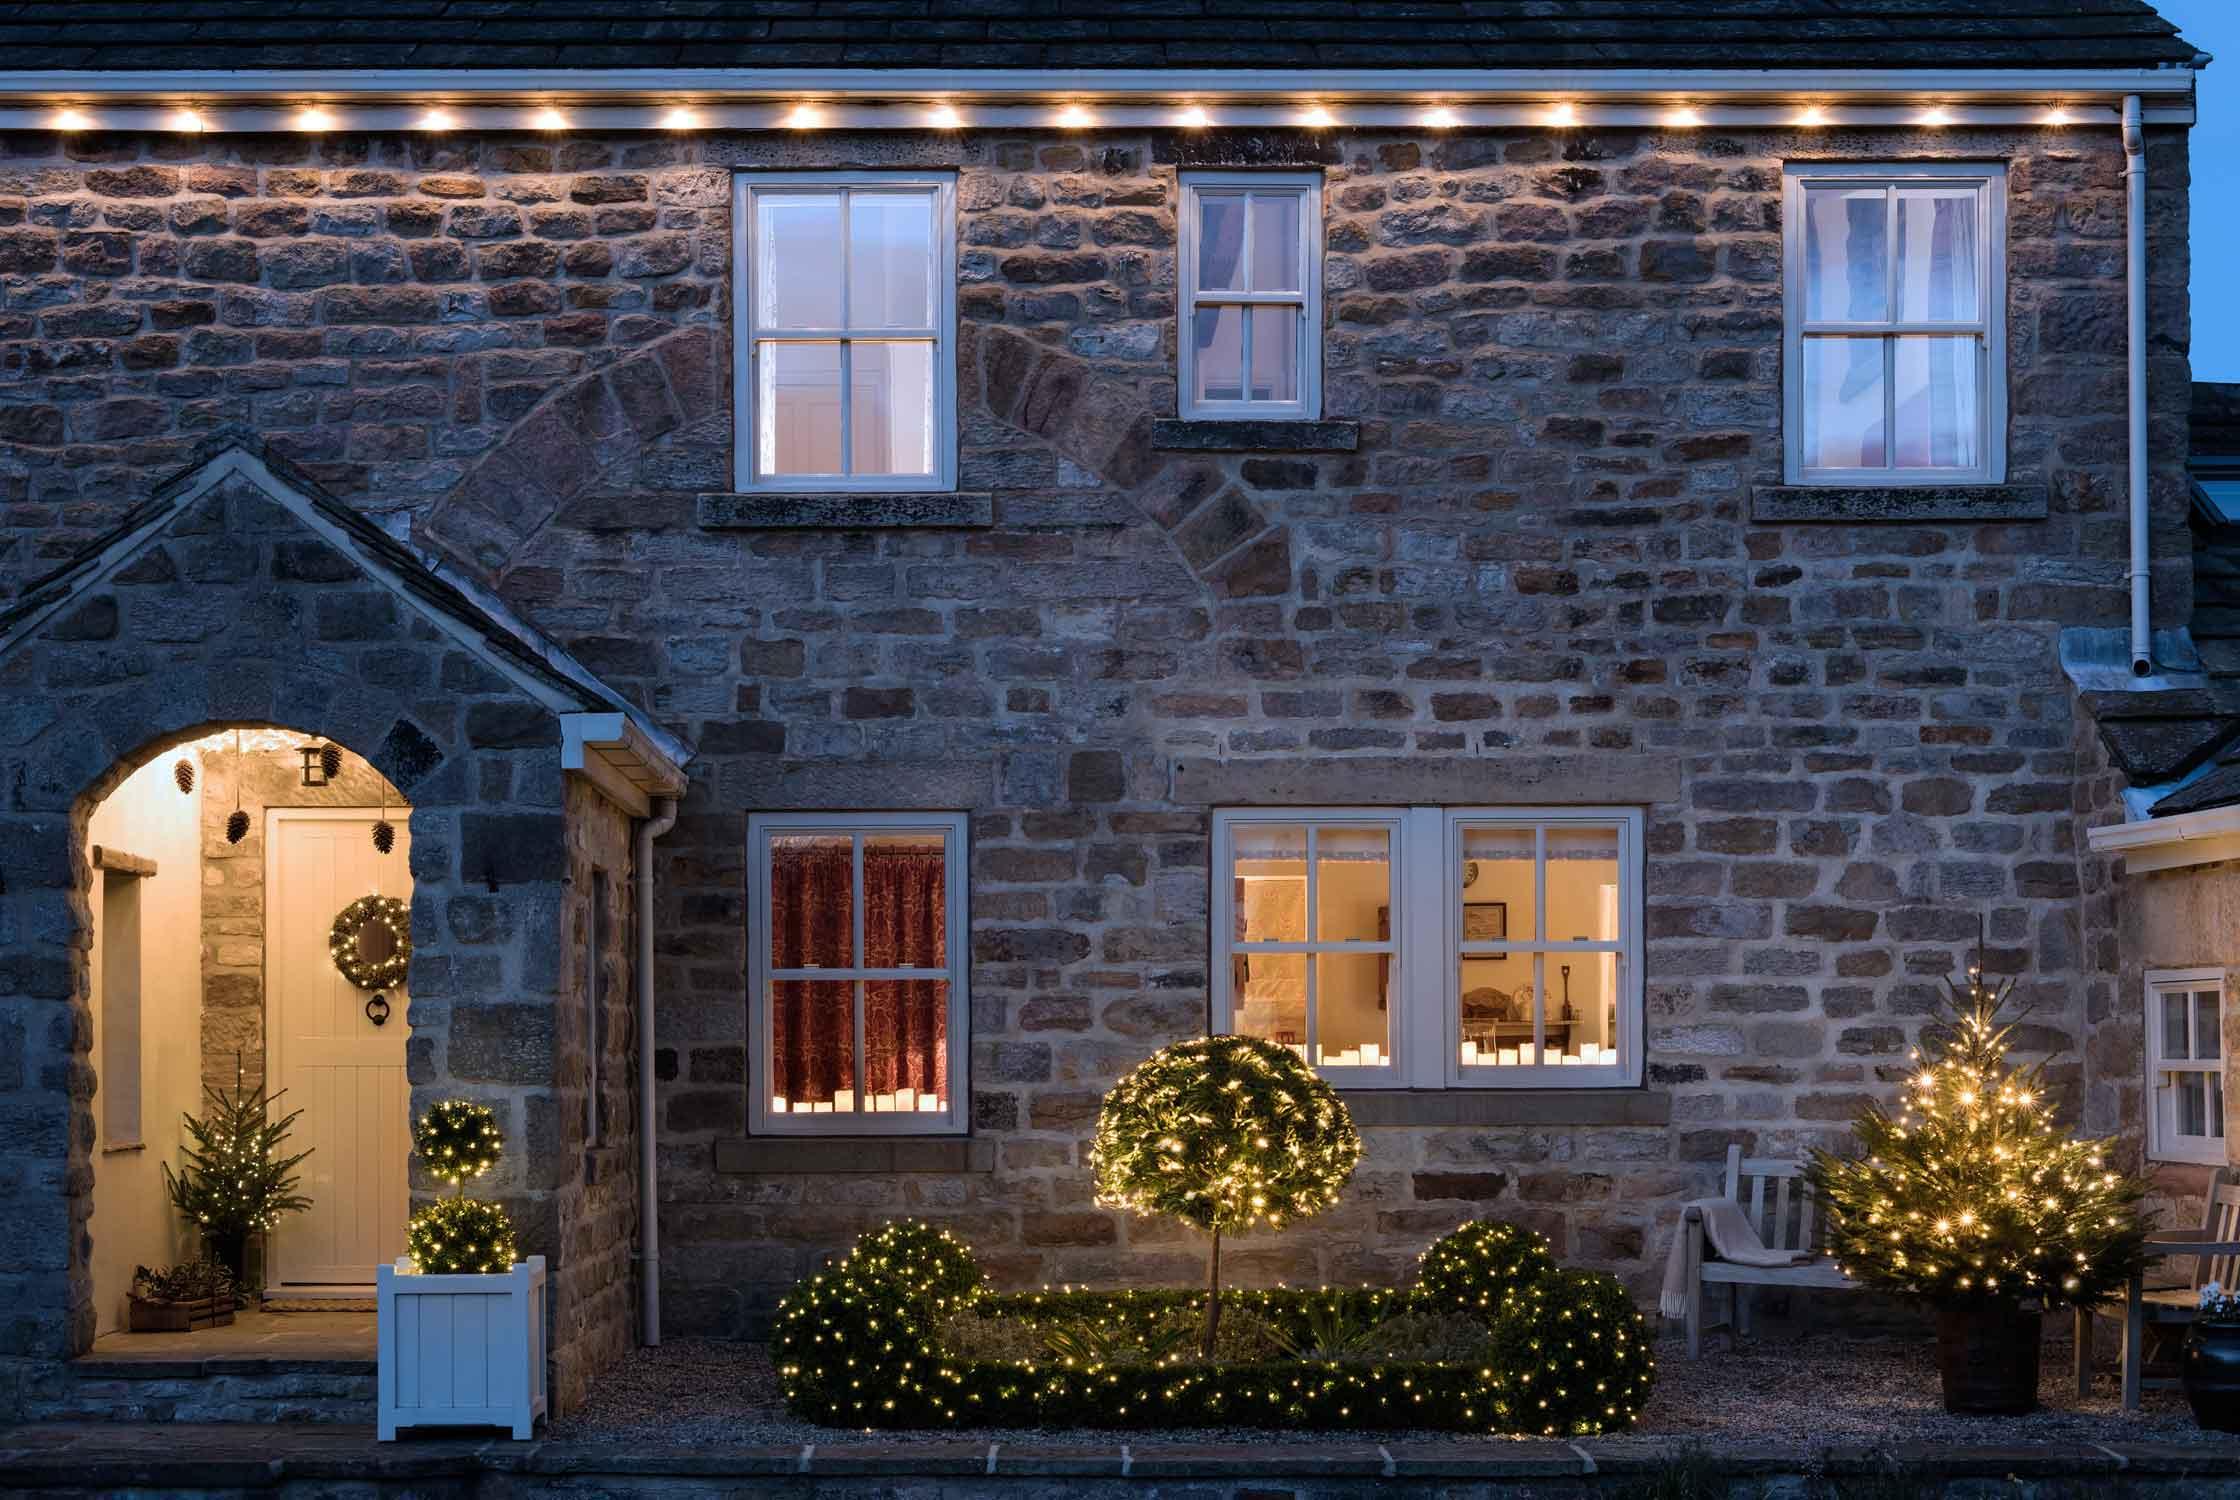 Haus Weihnachtsbeleuchtung.Ideen Zur Haus Weihnachtsbeleuchtung Lights4fun De